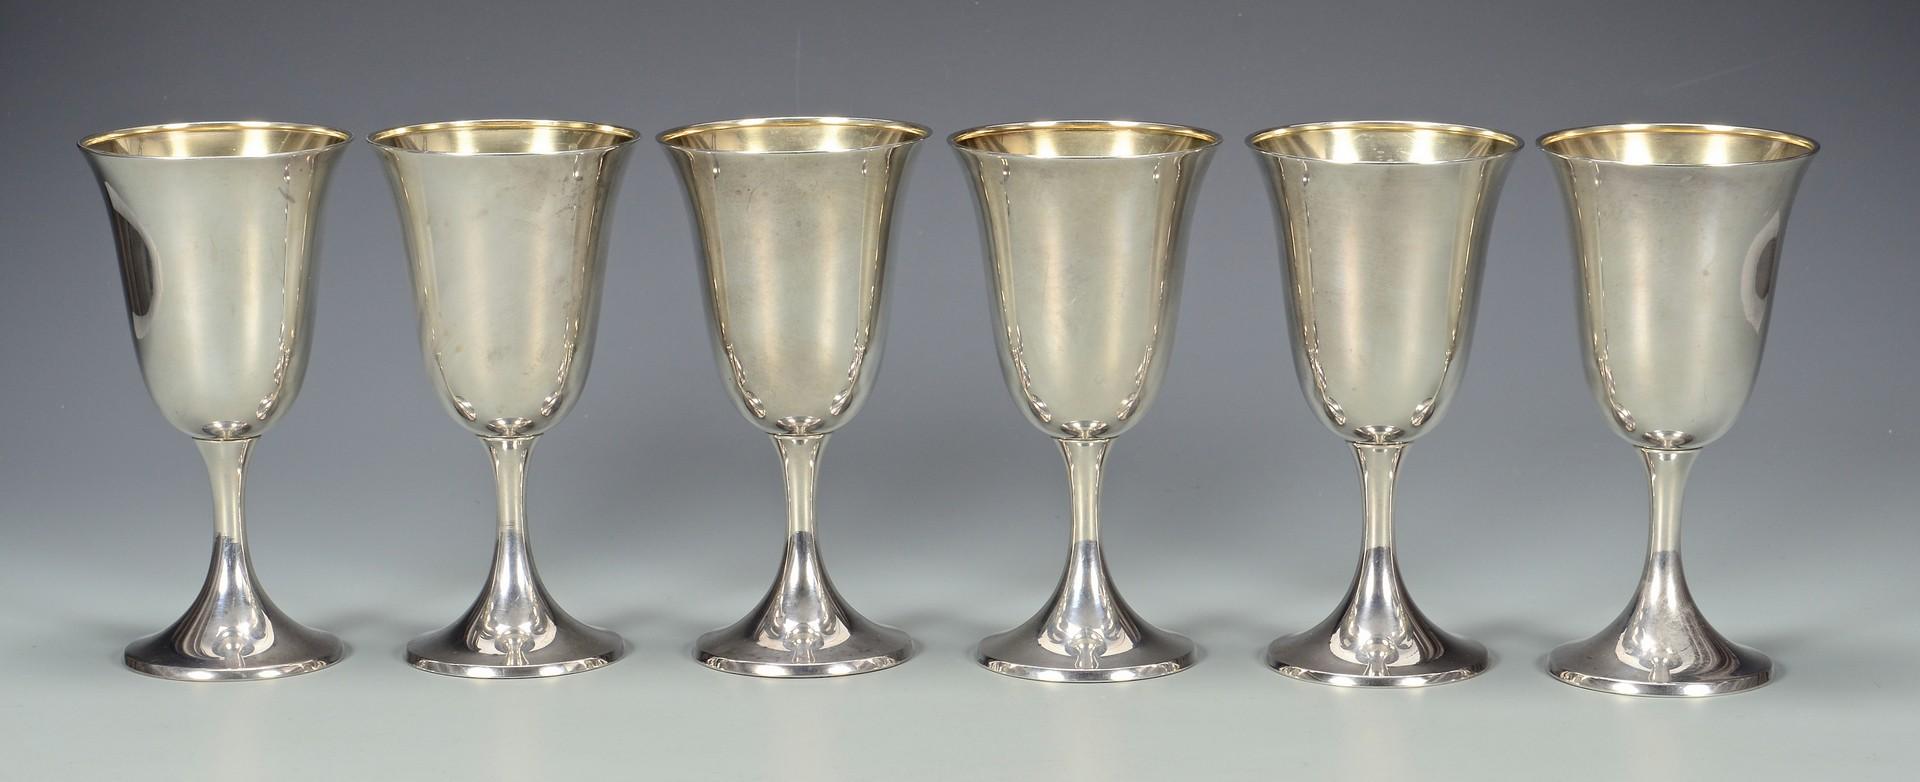 lot 577  6 gorham sterling silver goblets